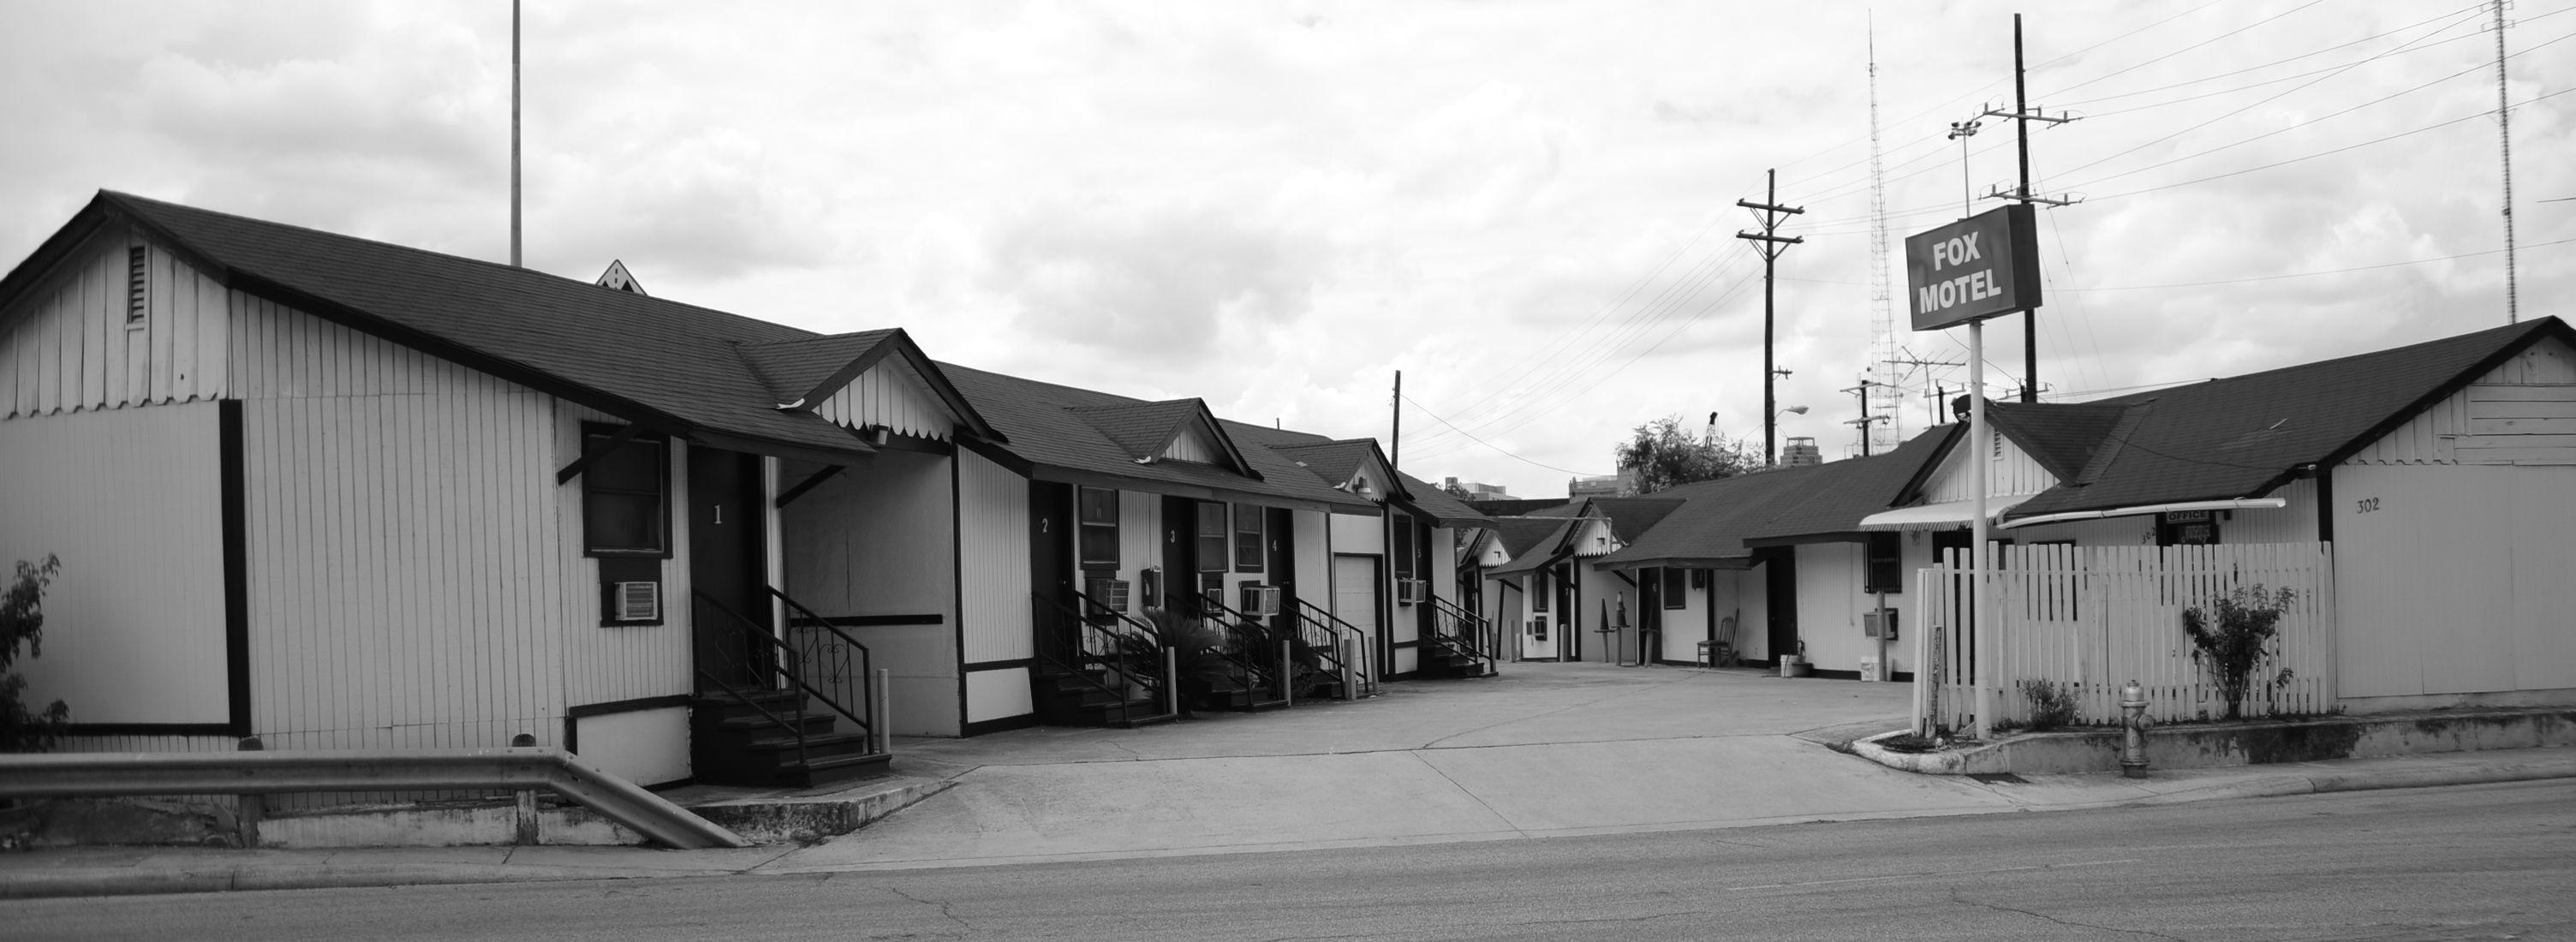 Fox Motel San Antonio Texas Demolished 2016 San Antonio San Hometown